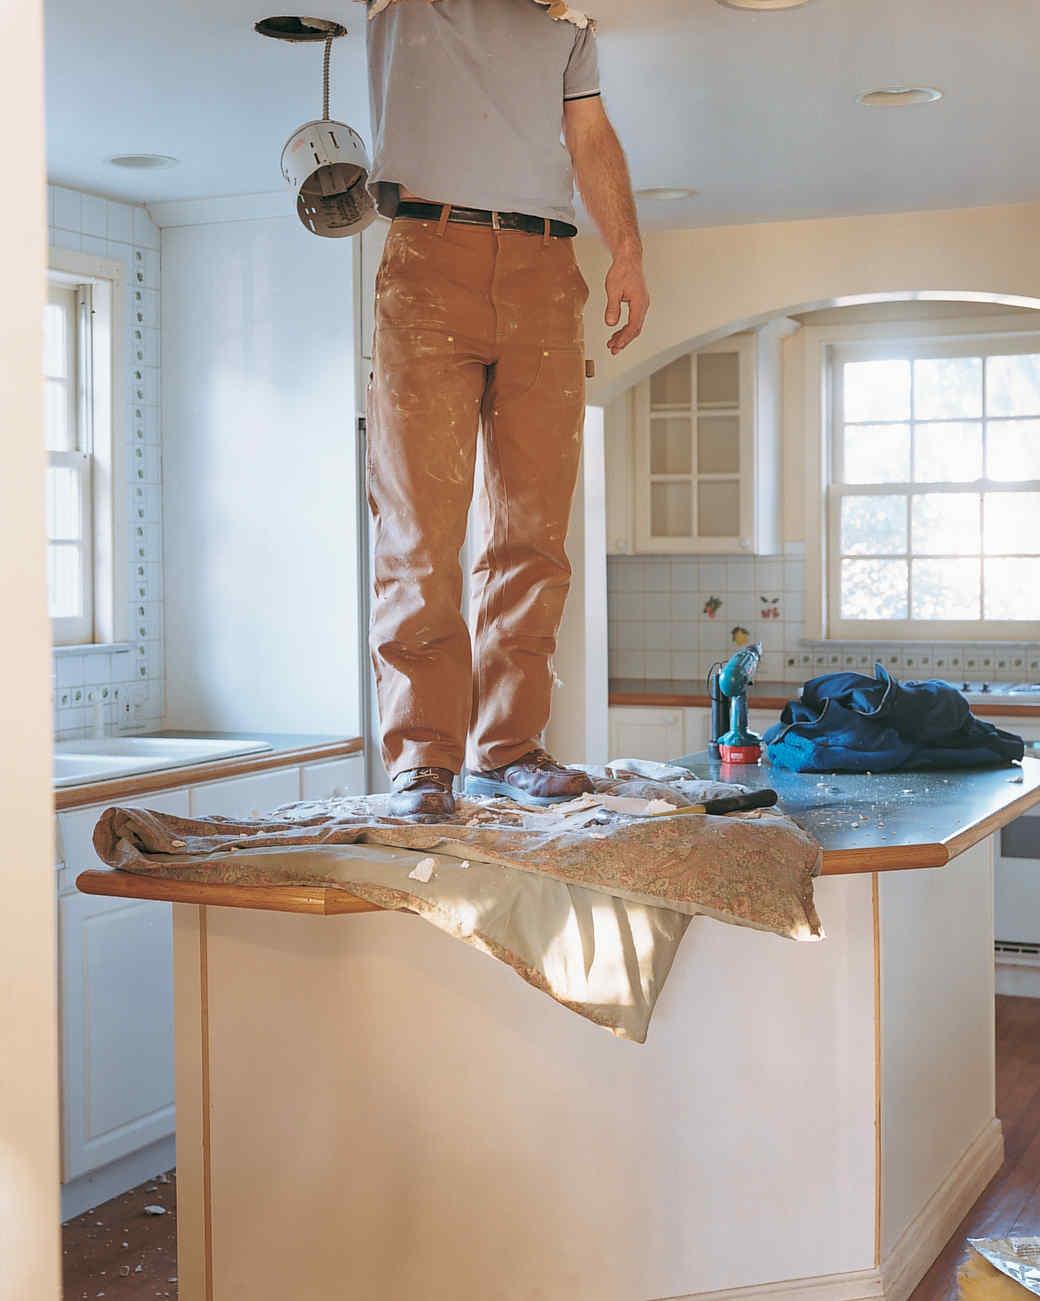 kitchen-redefined-01-d99349-0915.jpg